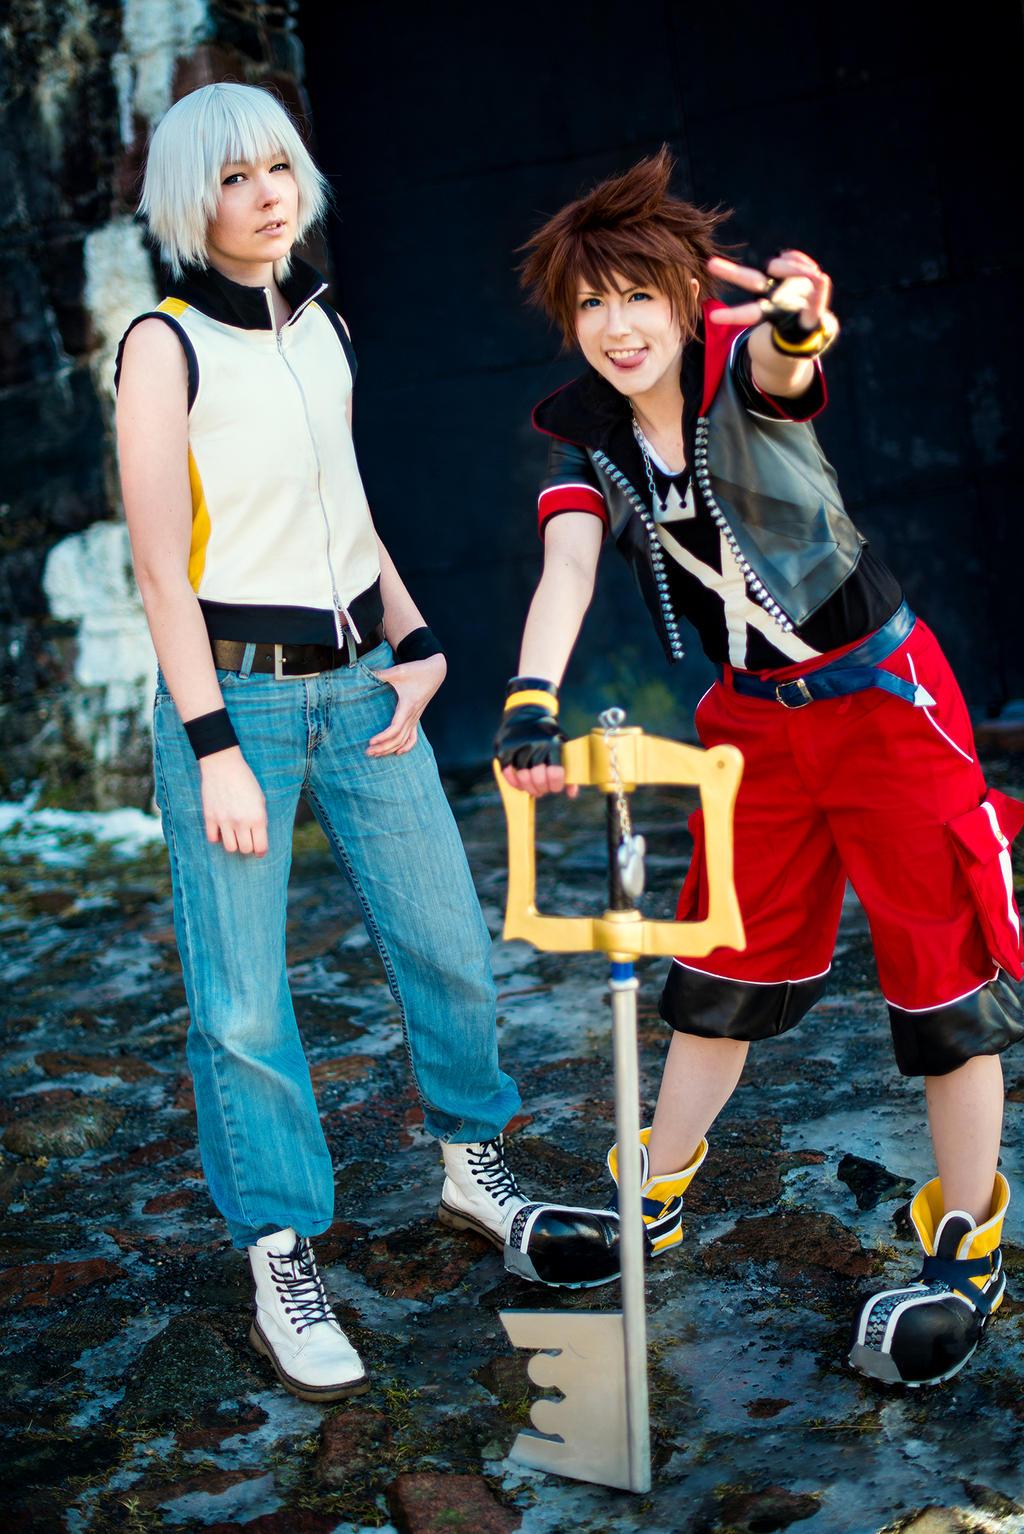 Kingdom Hearts - Dream travelers by Mimixum